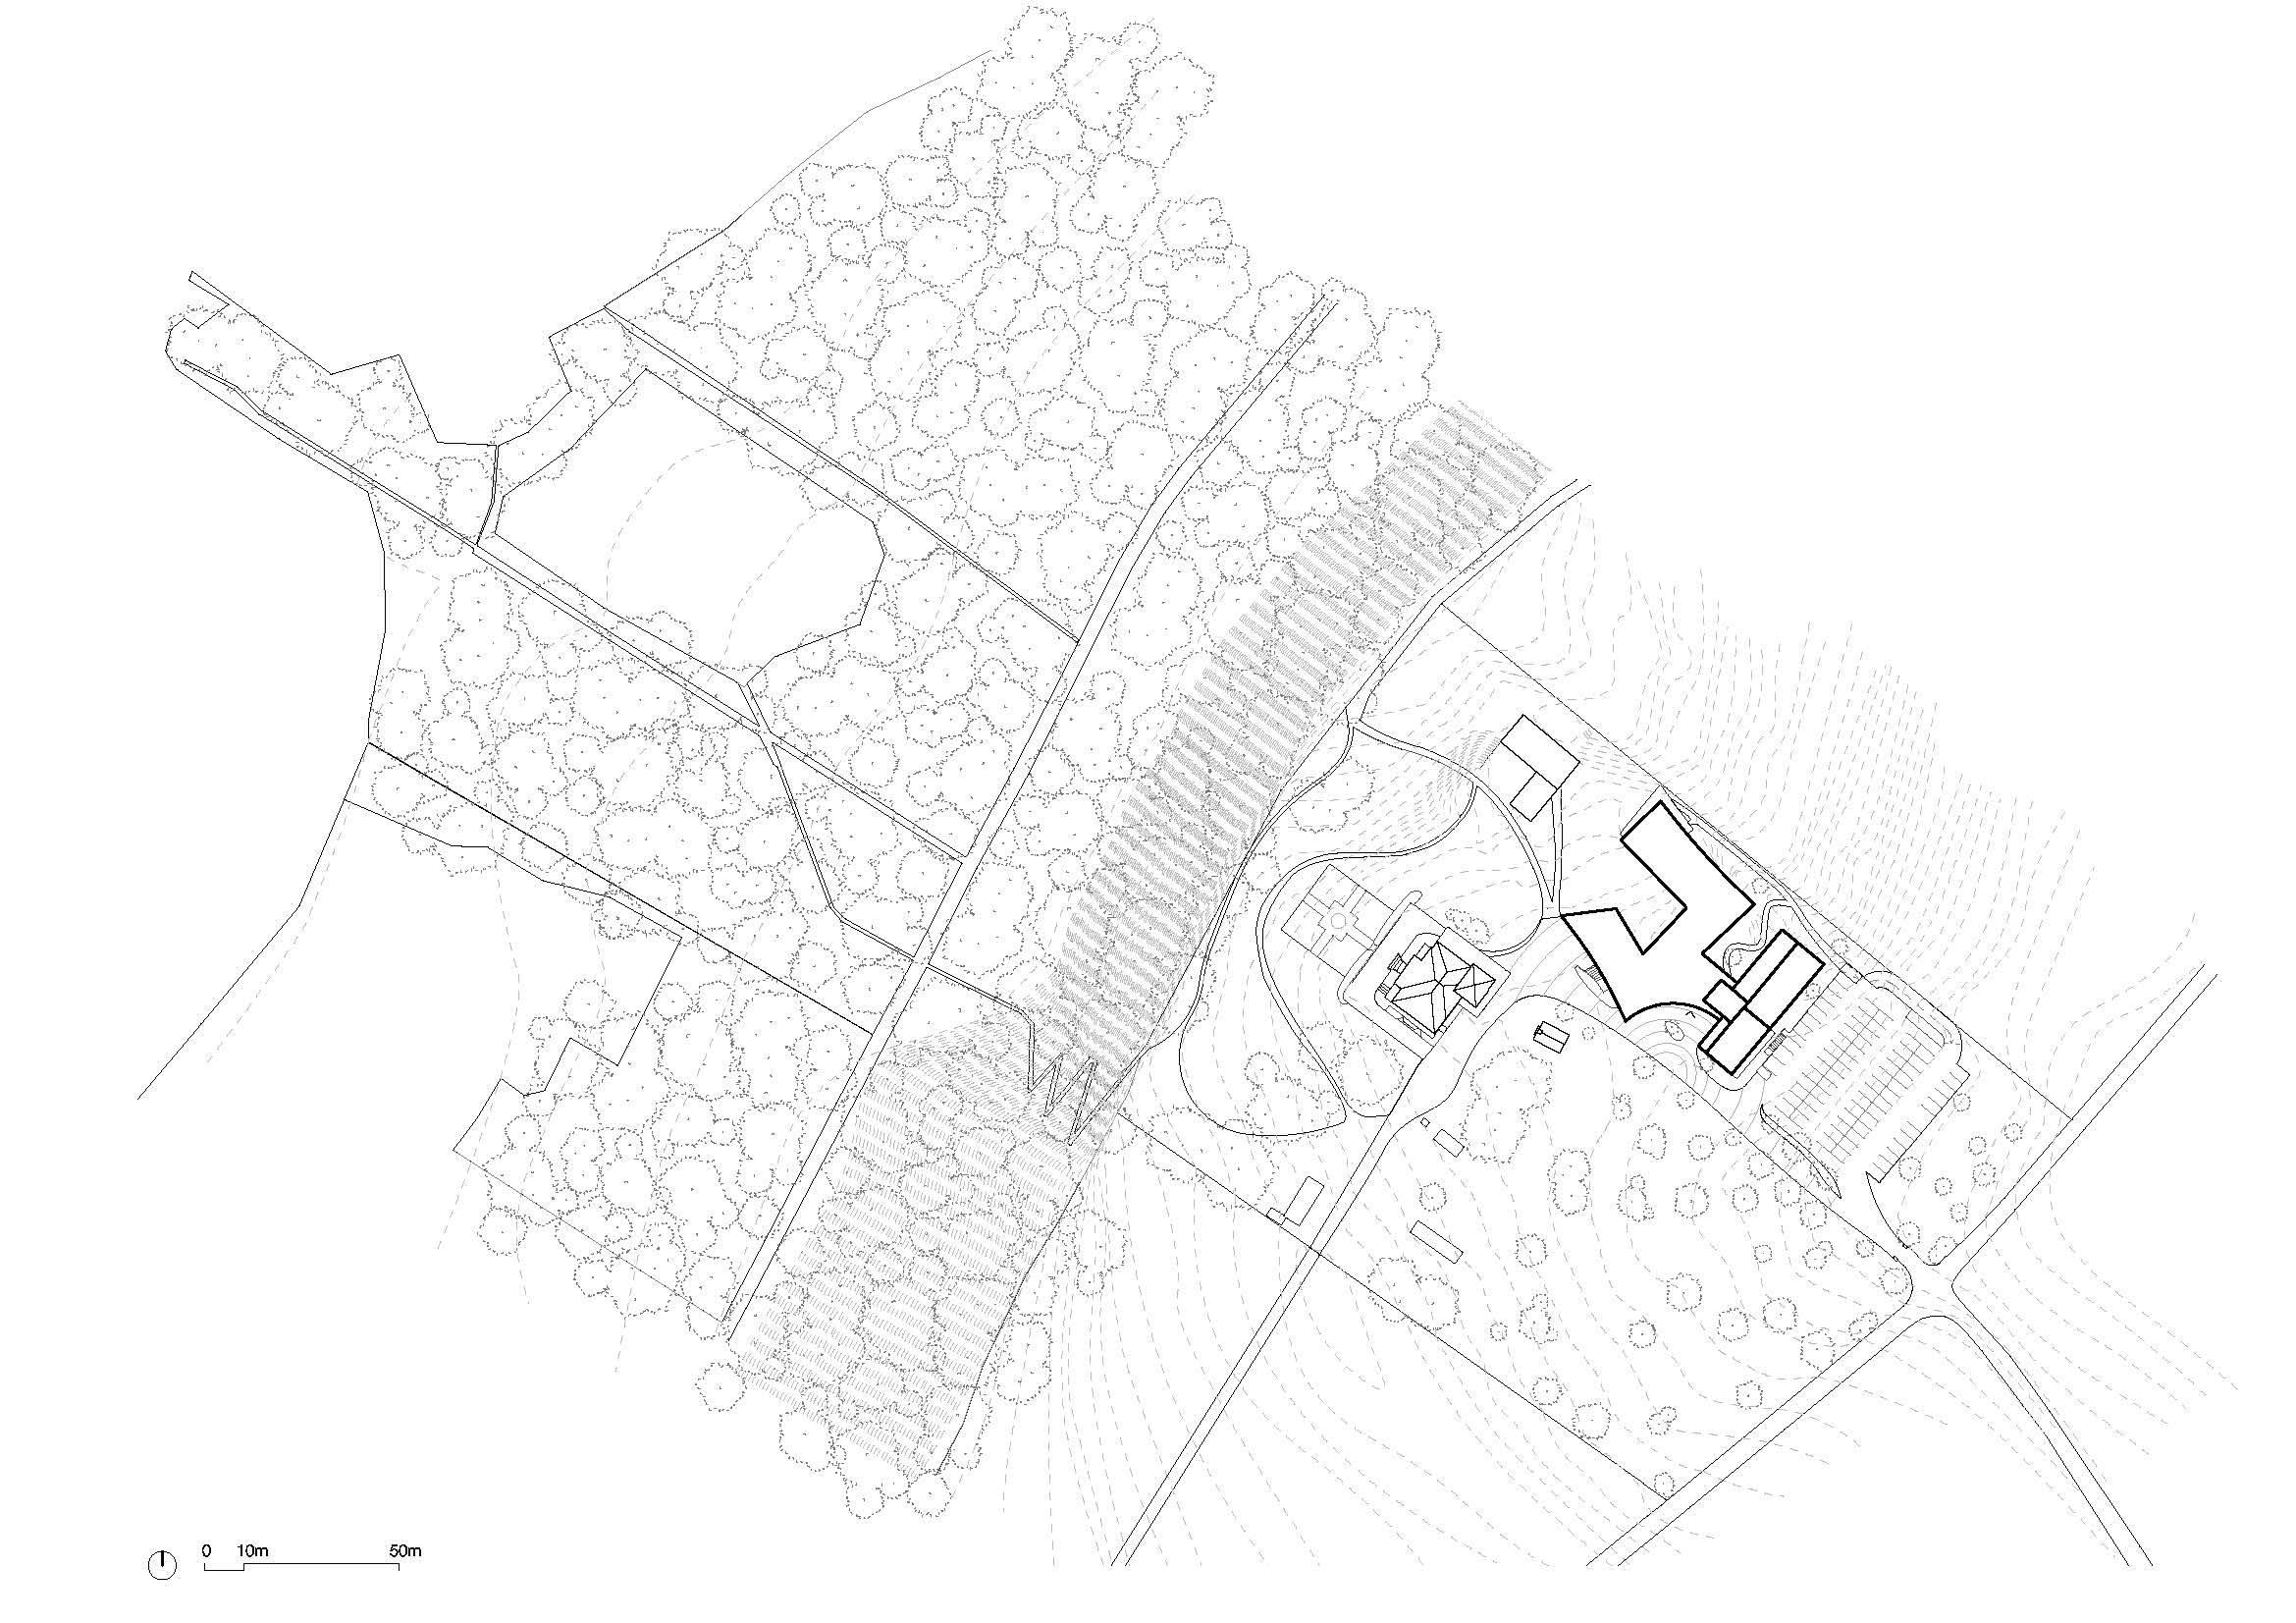 208_CORB_PUB_01_Plan masse_2000